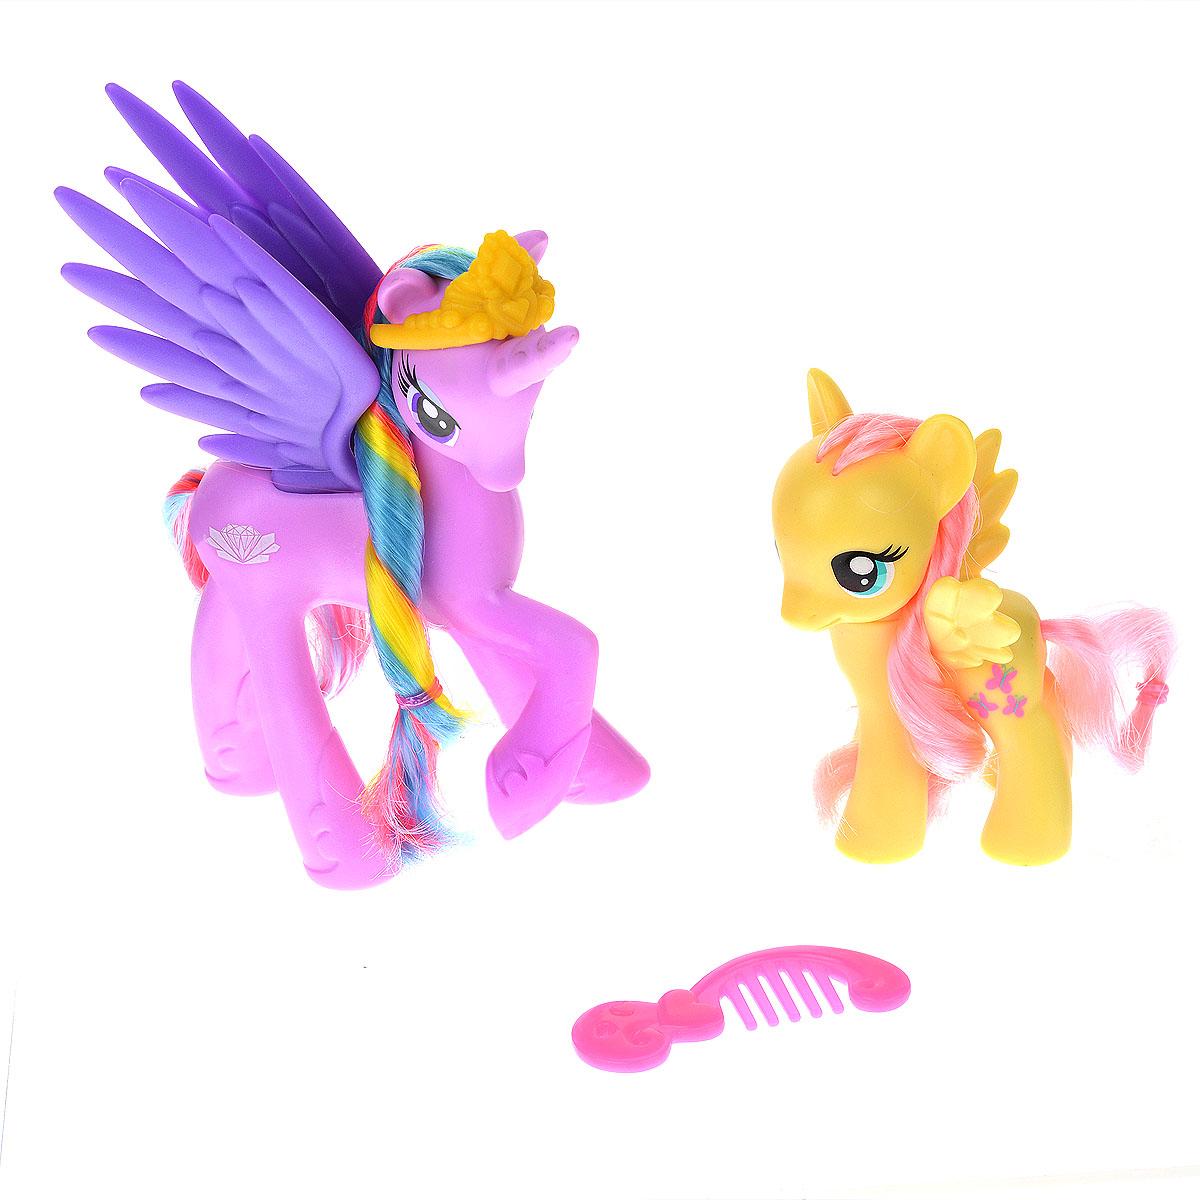 My Little Pony Игровой набор Принцессы-пони Sterling & FluttershyB3602EU4_А9882FluttershyЯркий игровой набор My Little Pony Принцессы-пони Sterling & Fluttershy привлечет внимание вашей малышки и не позволит ей скучать. Набор выполнен из безопасного пластика ярких цветов и состоит из двух фигурок пони, выполненных в виде принцесс Стерлинг и Флаттершай, и двух аксессуаров для игры с ними: гребешка и диадемы. У принцесс-пони большие выразительные глазки и длинные гривы и хвосты, которые малышка сможет расчесывать с помощью гребешка. Головки фигурок подвижны. Ваш ребенок будет часами играть с набором, придумывая различные истории. Порадуйте ее таким замечательным подарком!